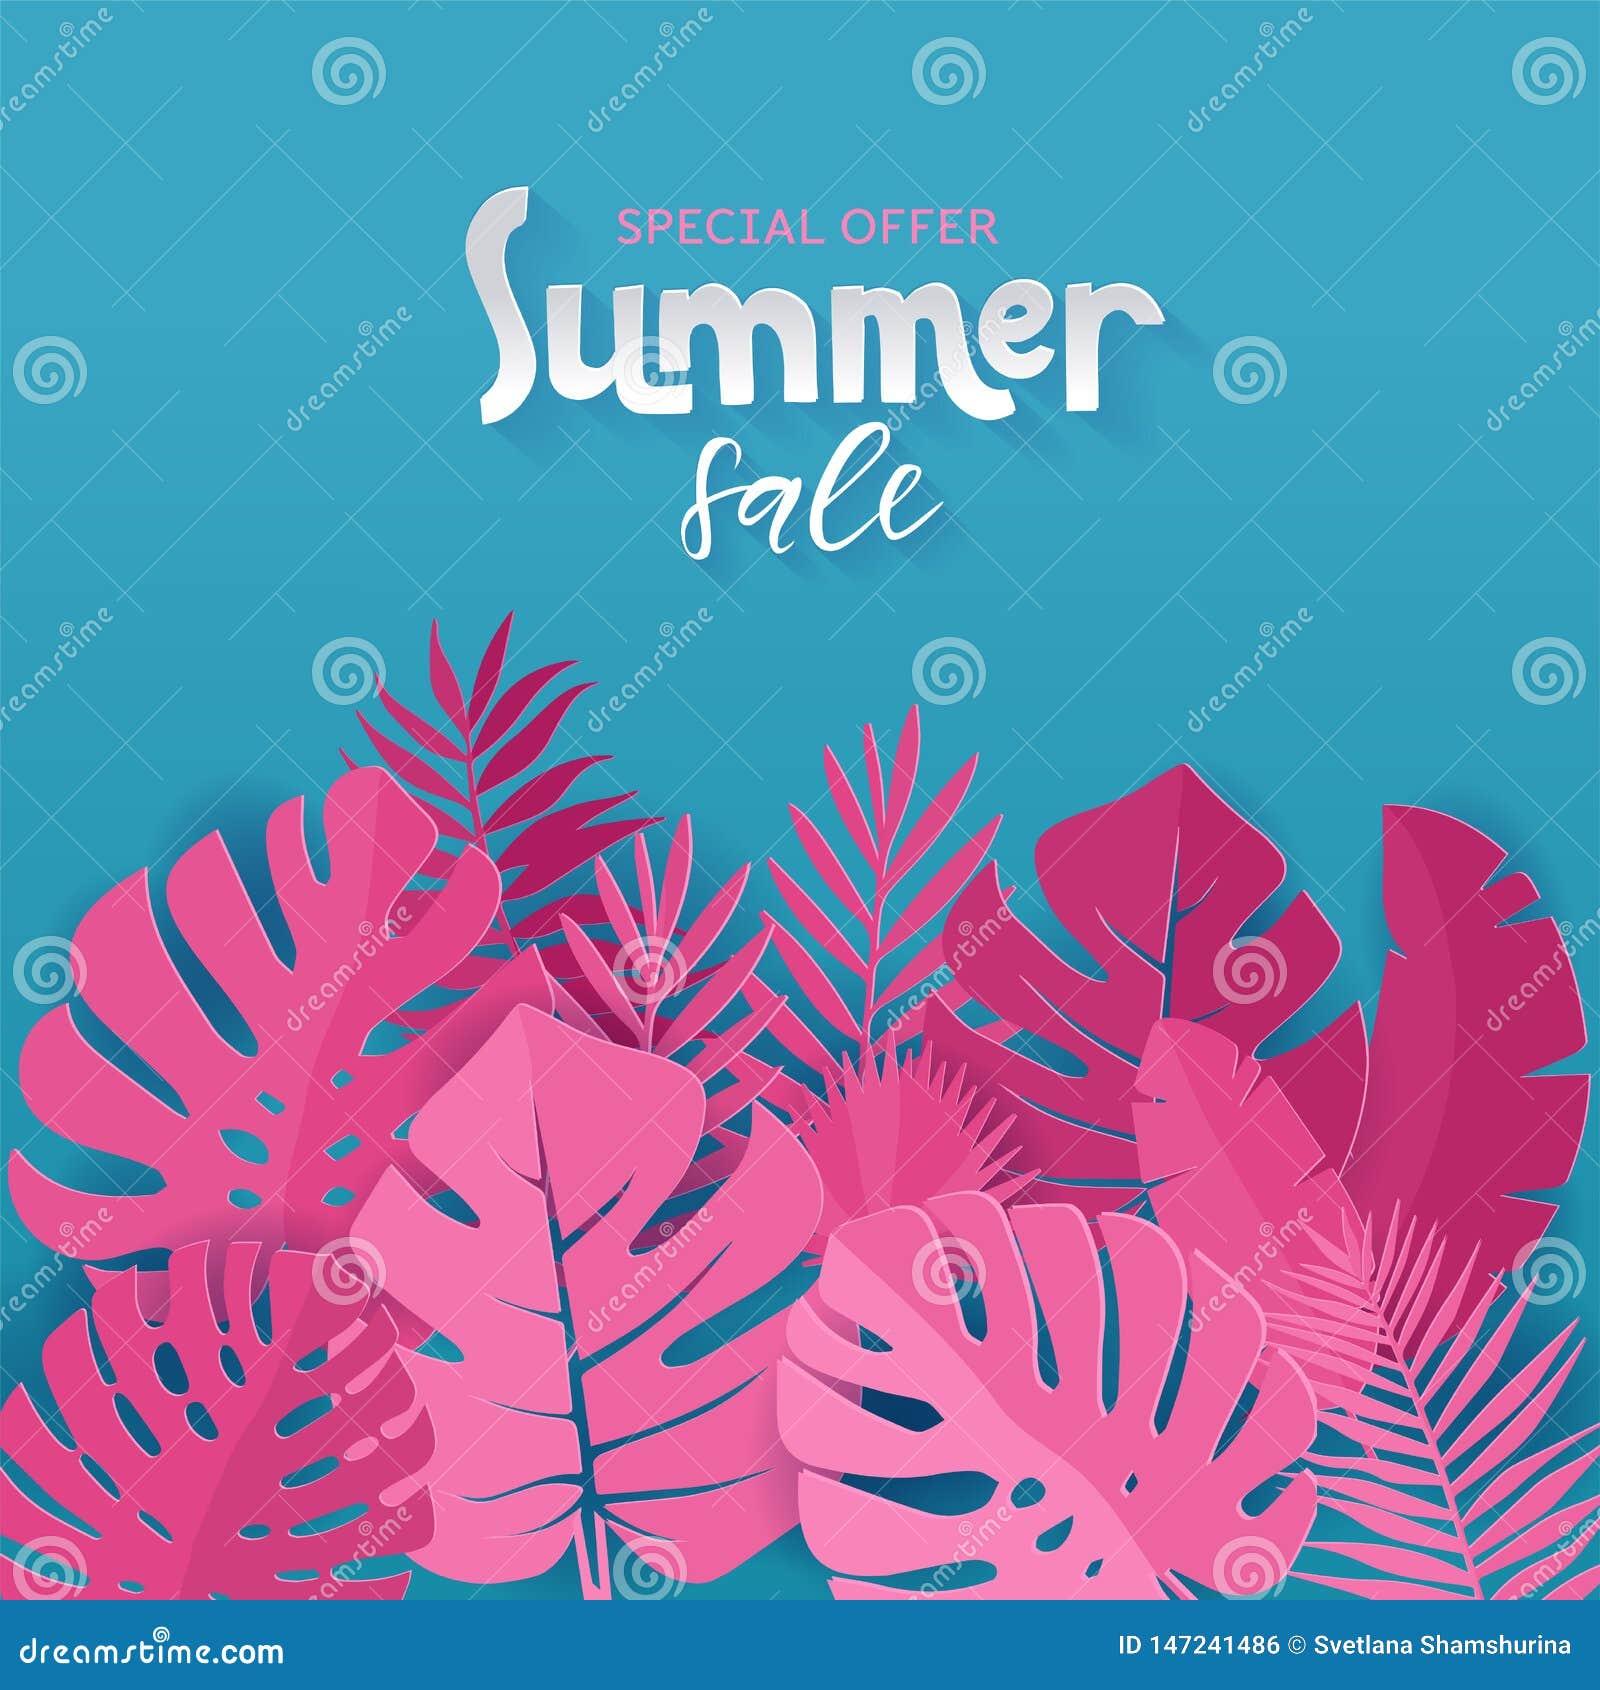 Kwadratowy sztandar oferty specjalnej lata sprzedaż z różową palmą, monstera, banan opuszcza na błękitnym tle z ręki literowaniem